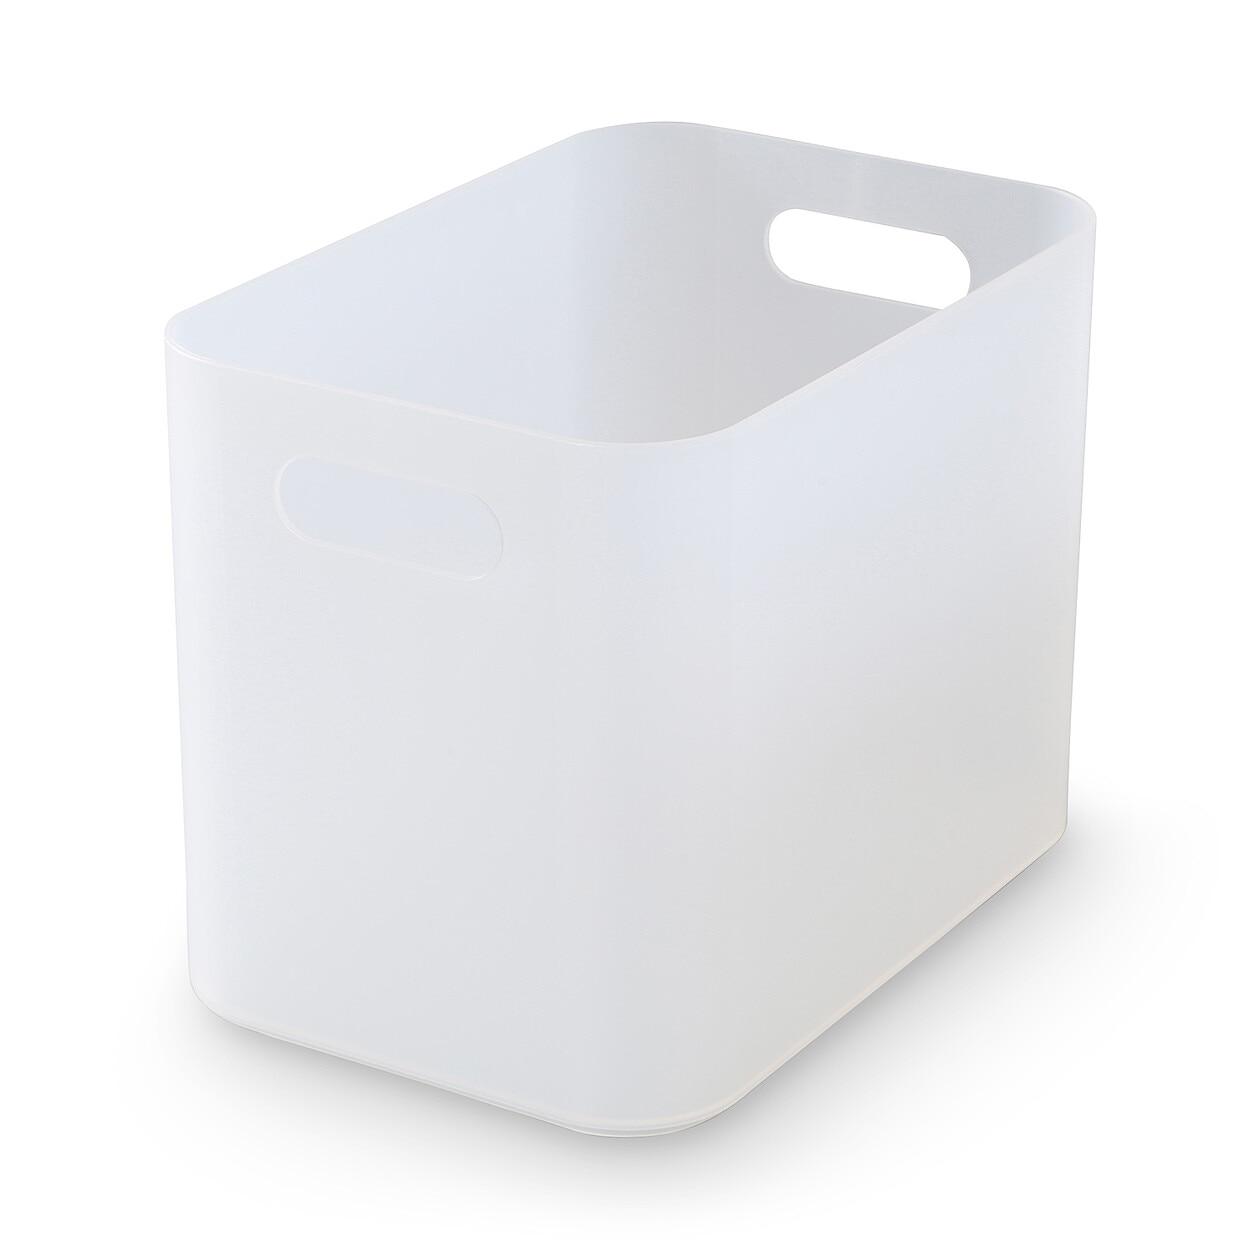 ポリプロピレンメイクボックスの写真